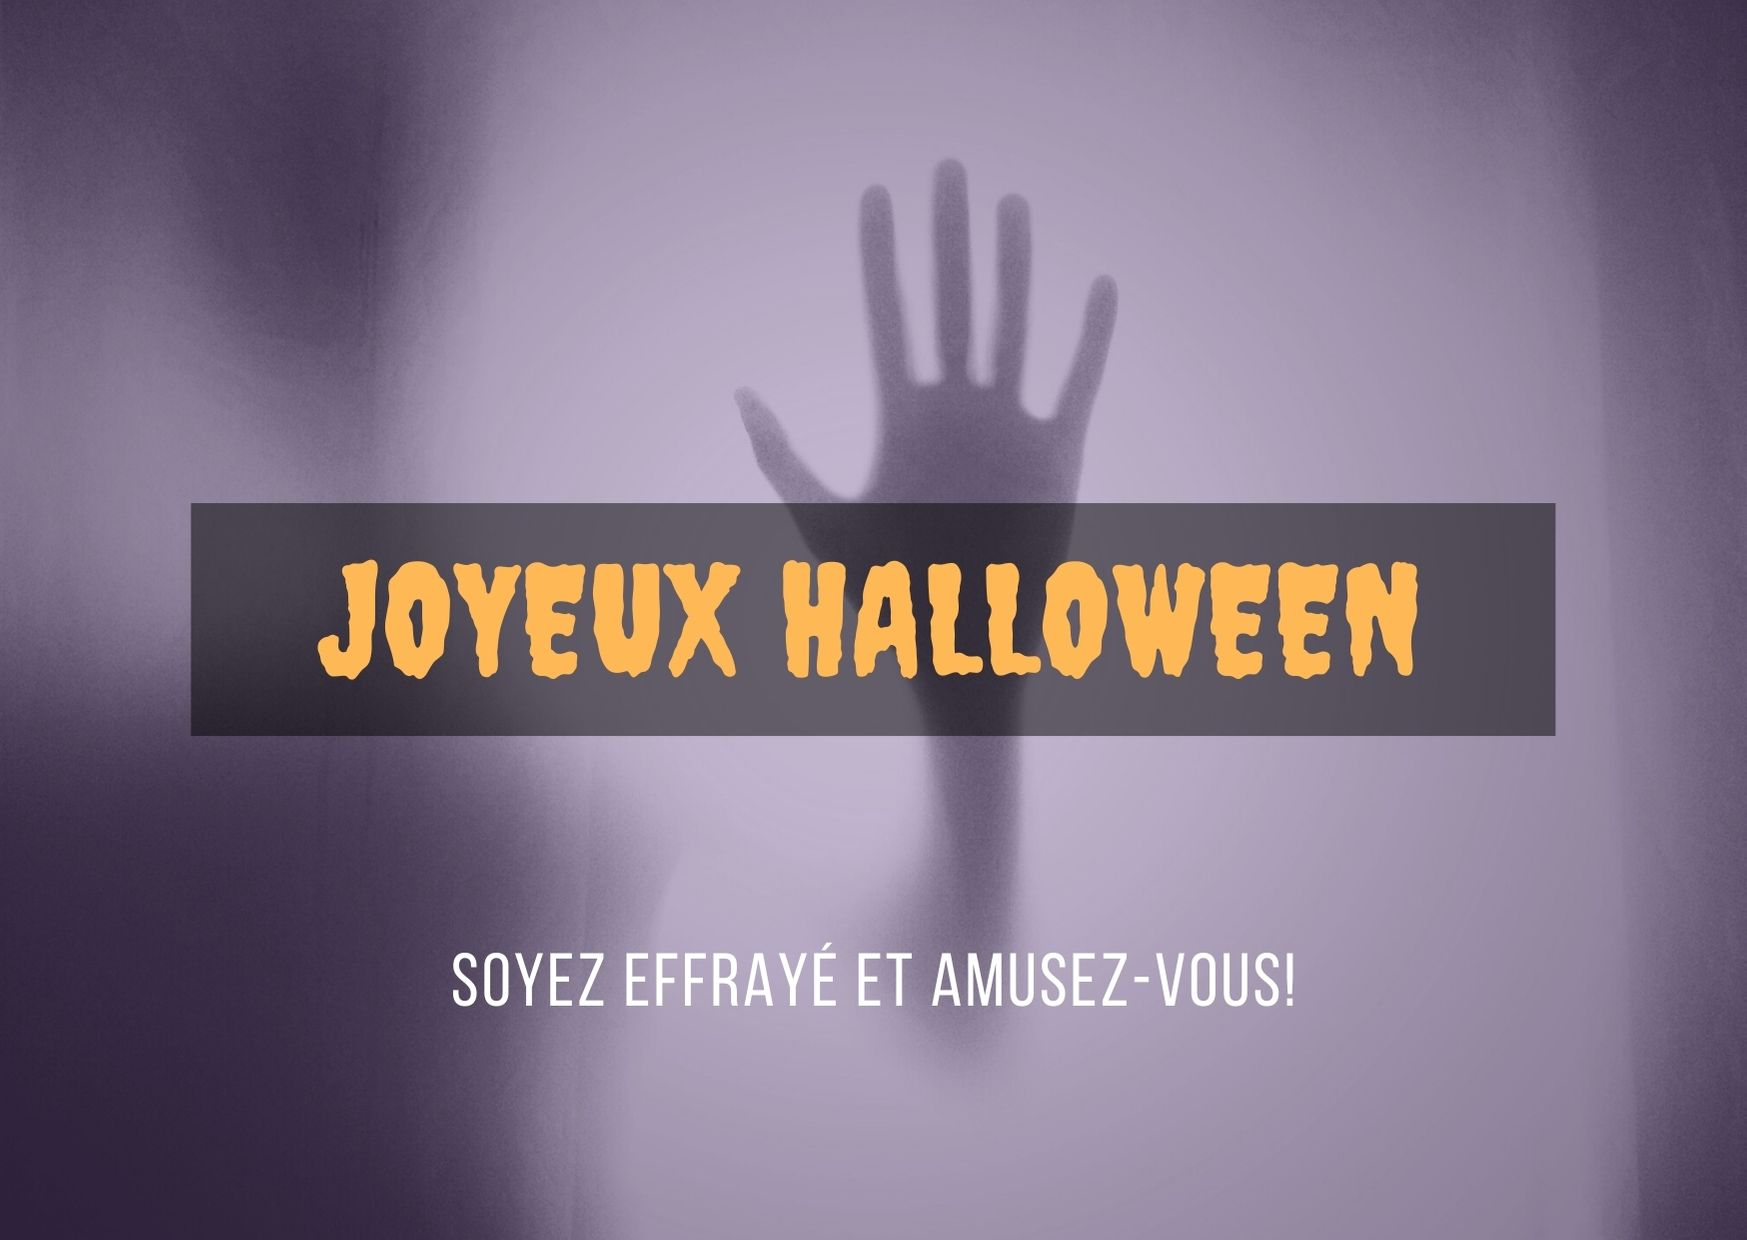 Joyeux Halloween amusez vous